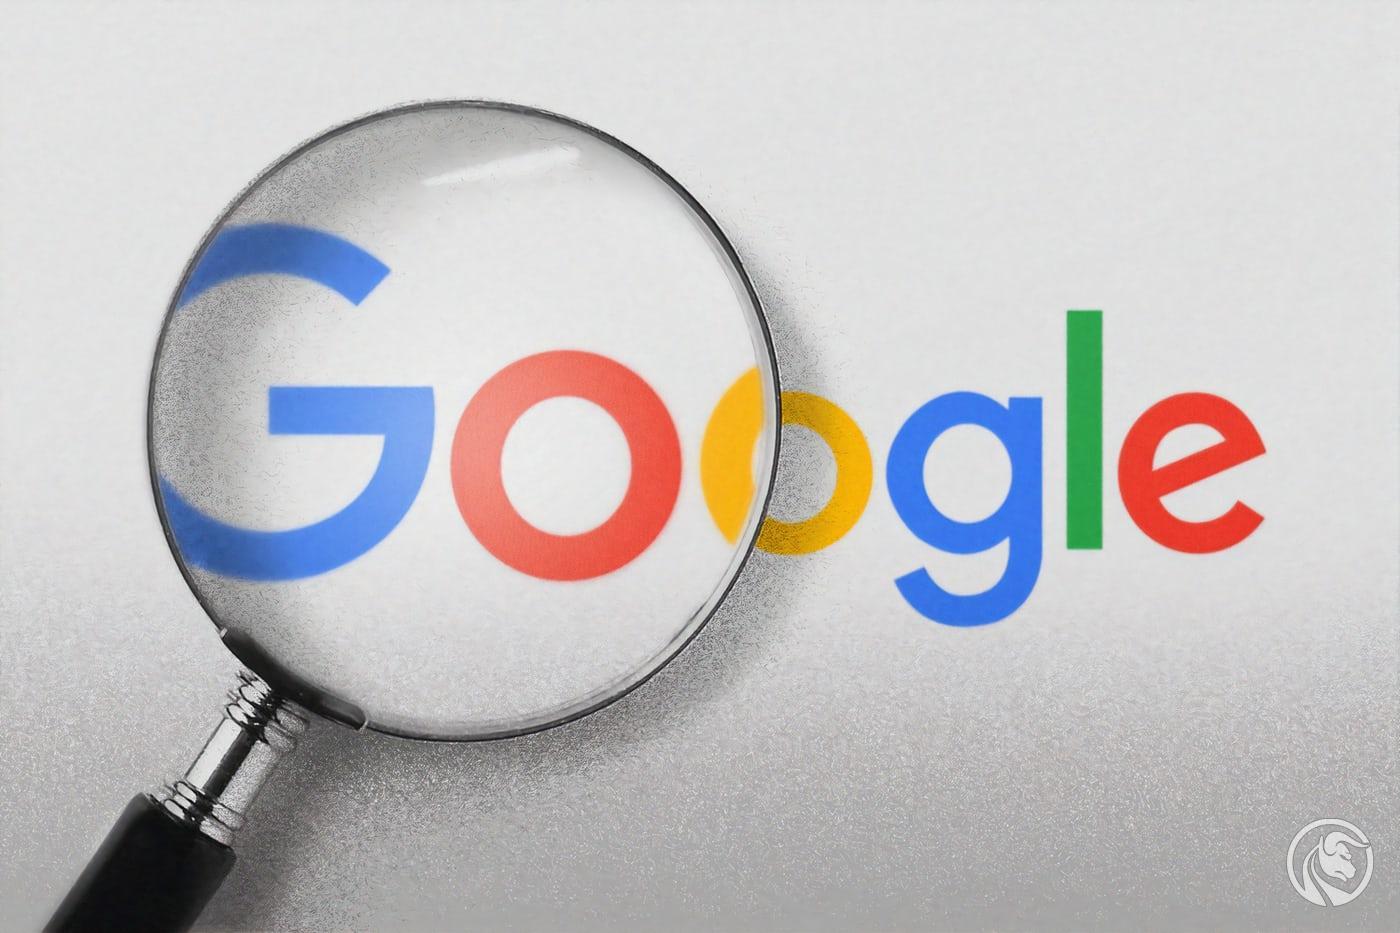 akcje google google